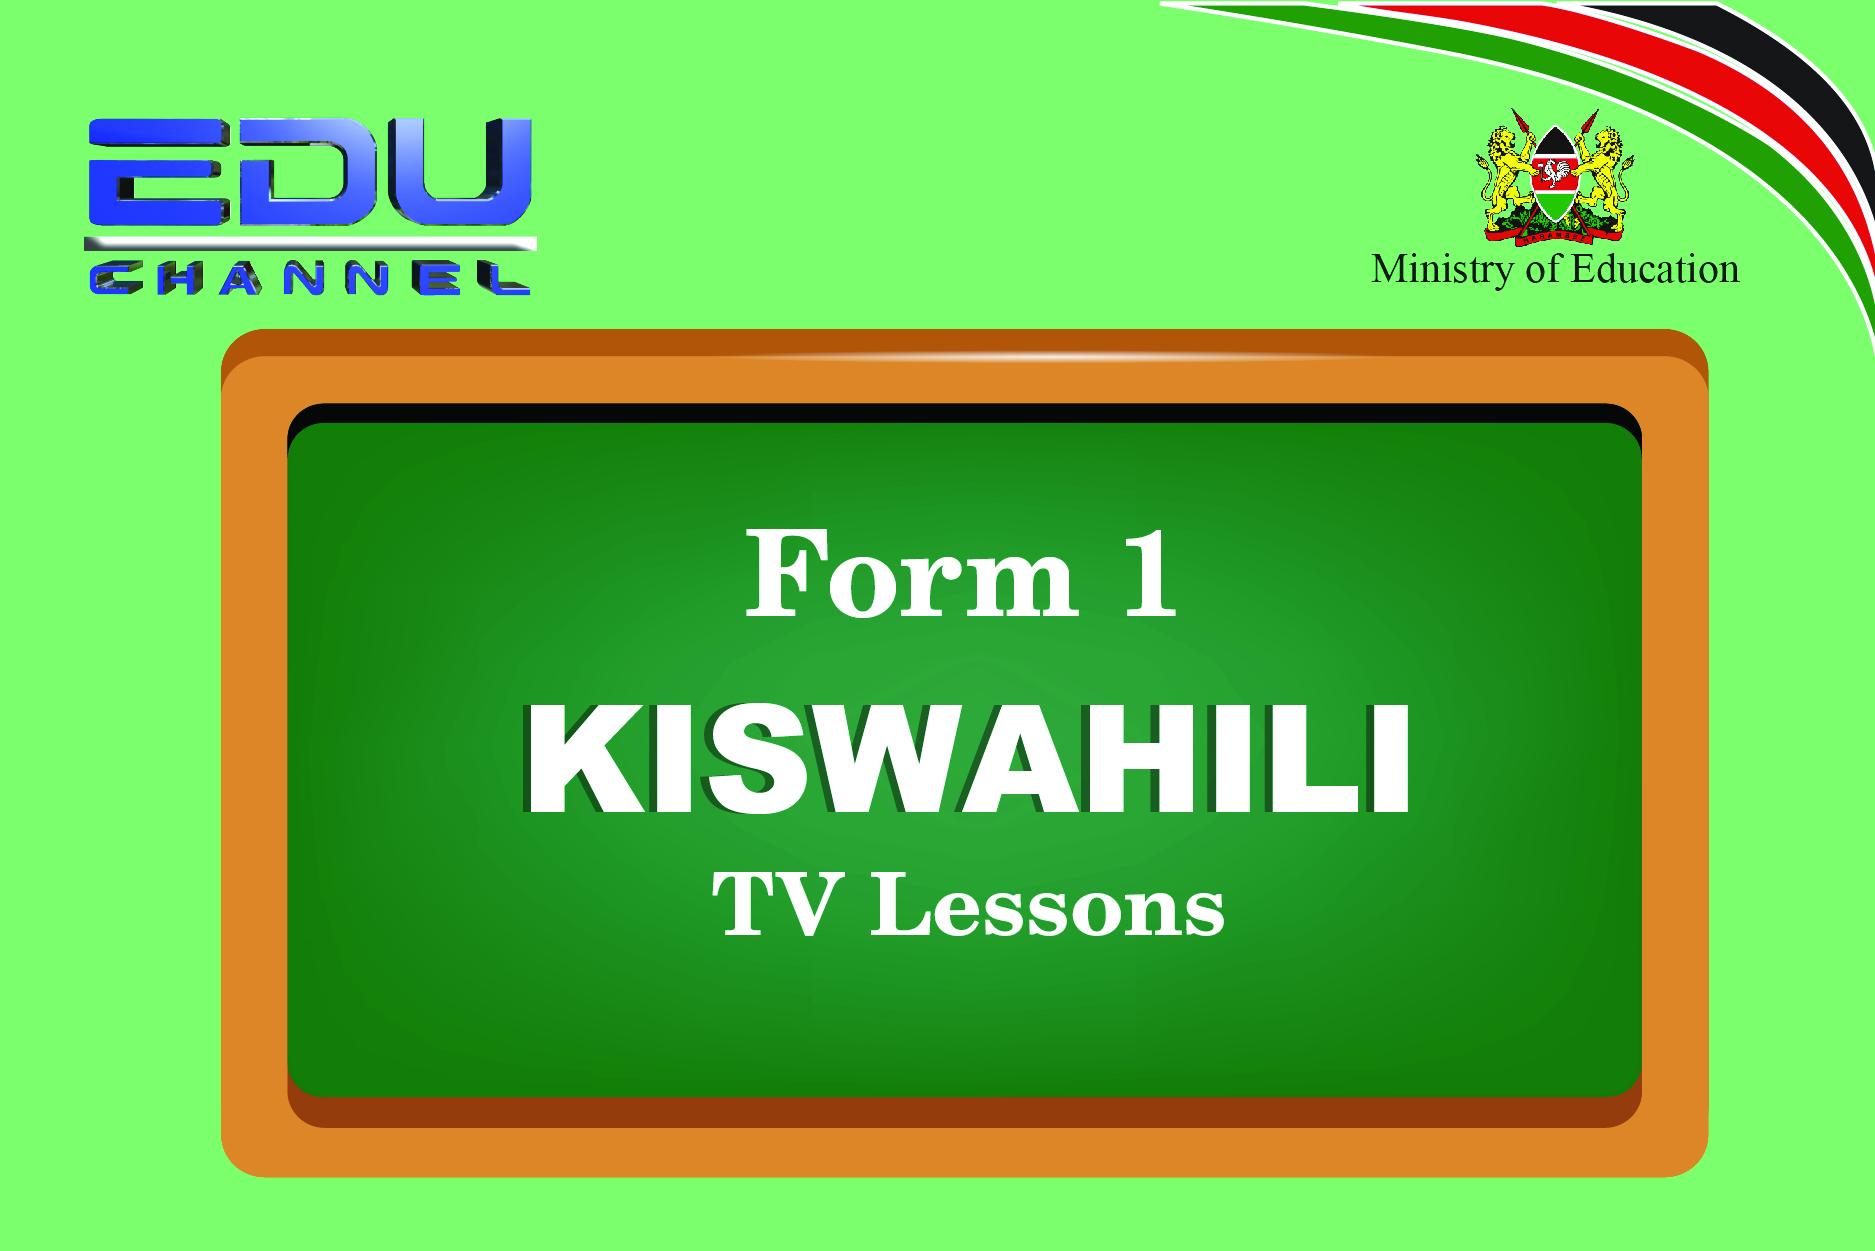 Form 1 Kiswahili Lesson 3: Viambishi Awali